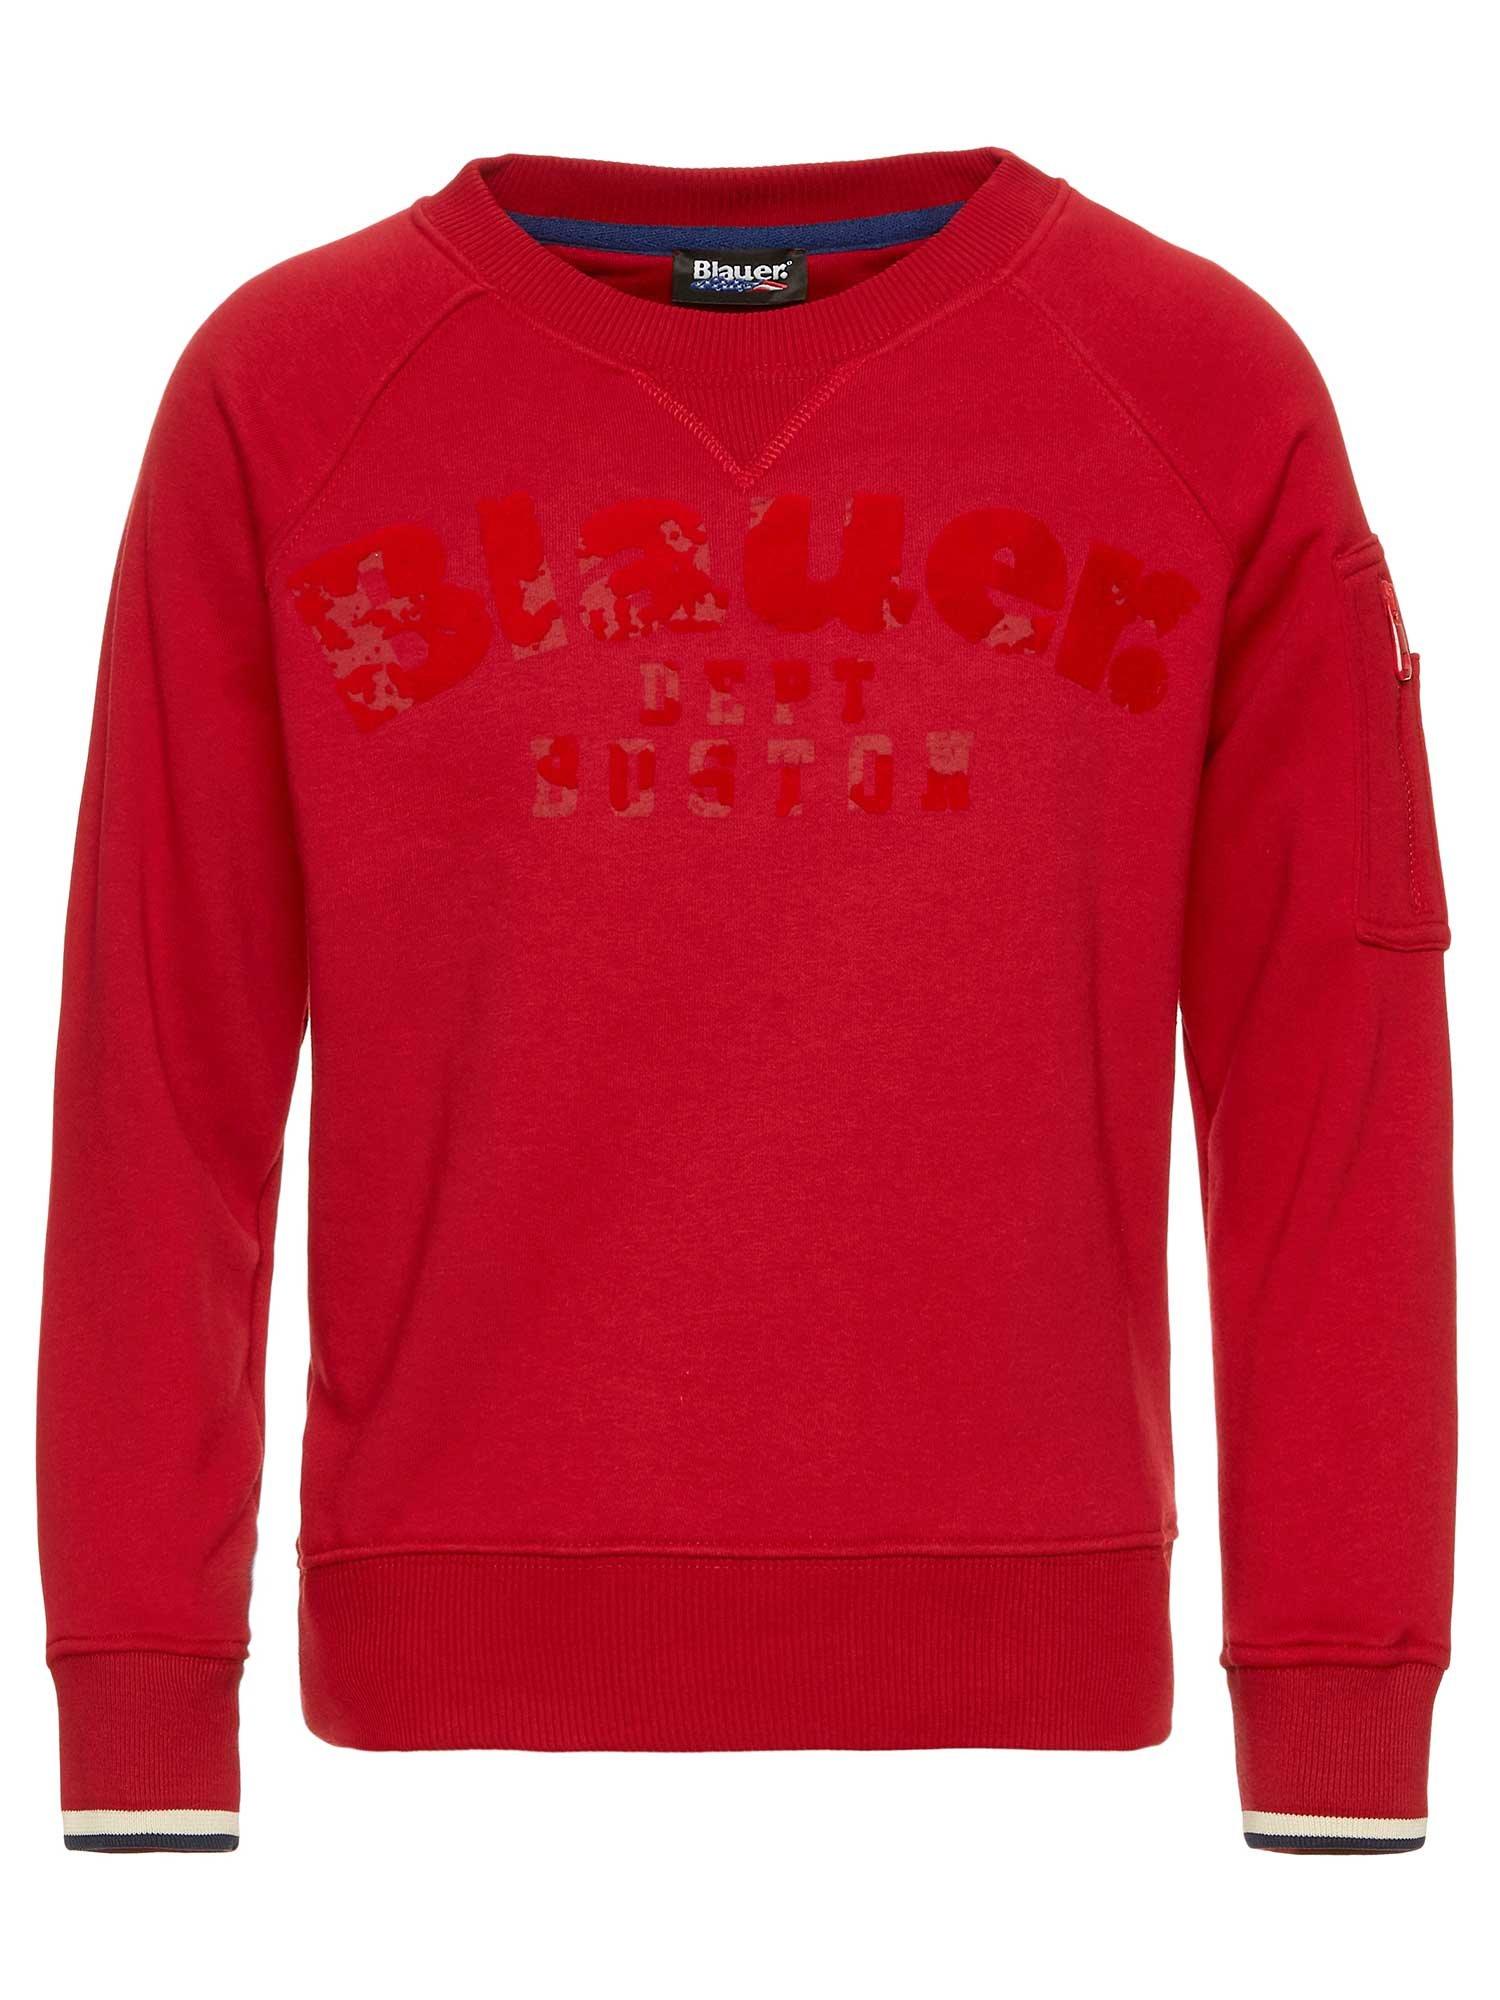 Blauer - KID'S CREW NECK SWEATSHIRT - Red Bloode - Blauer